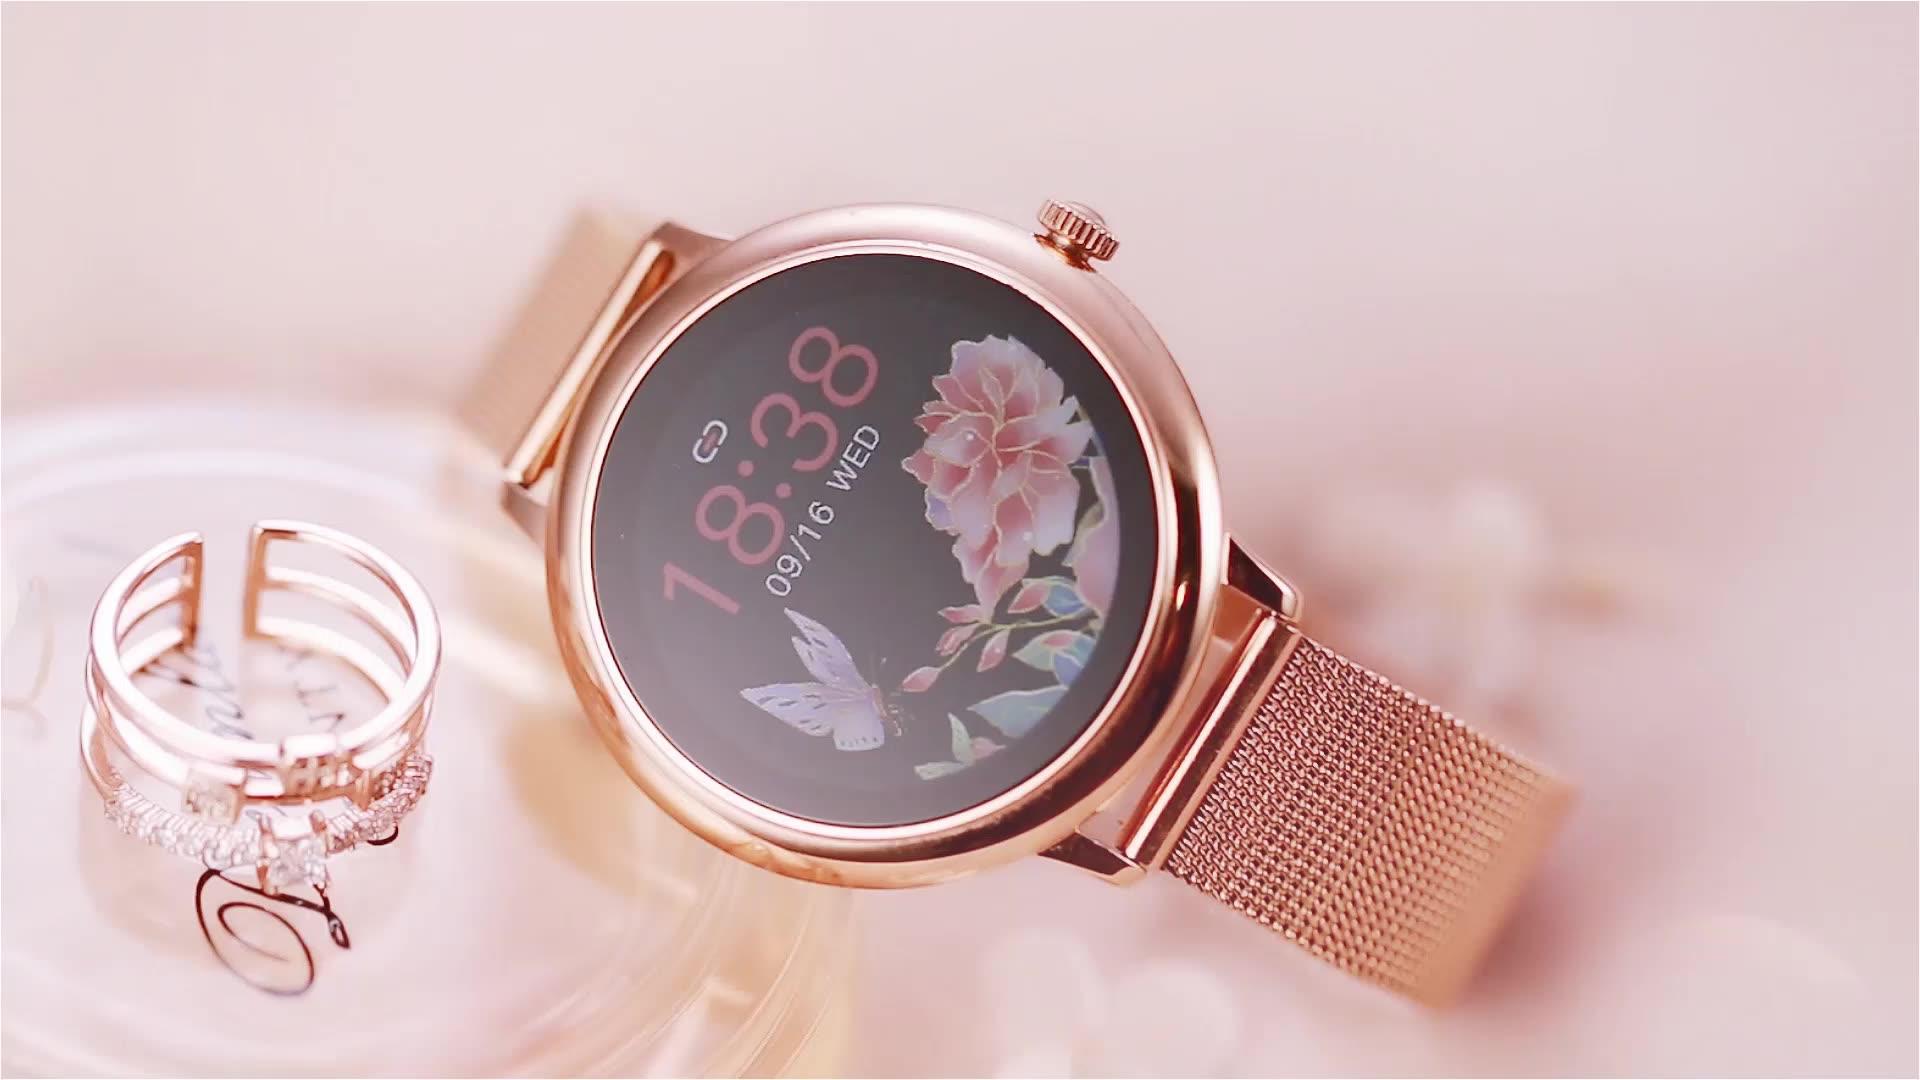 חדש CF80 חכם שעון עם IP67 Waterproof קצב לב לחץ דם צג גבירותיי חכם שעון, מתכת נשים ספורט Smartwatch